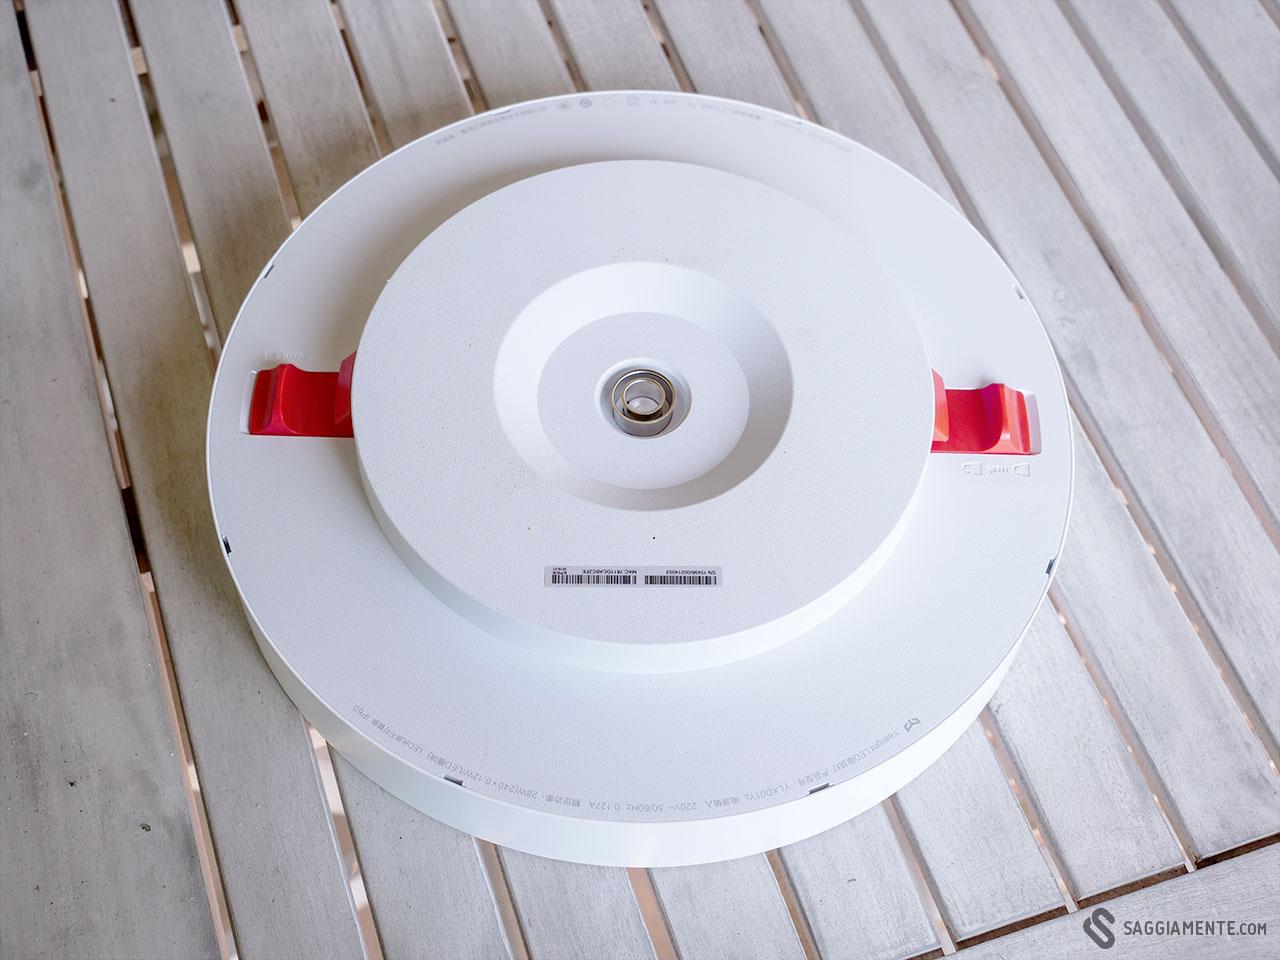 Accensione Lampadario Con Telecomando recensione: yeelight smart ceiling light, una sorprendente